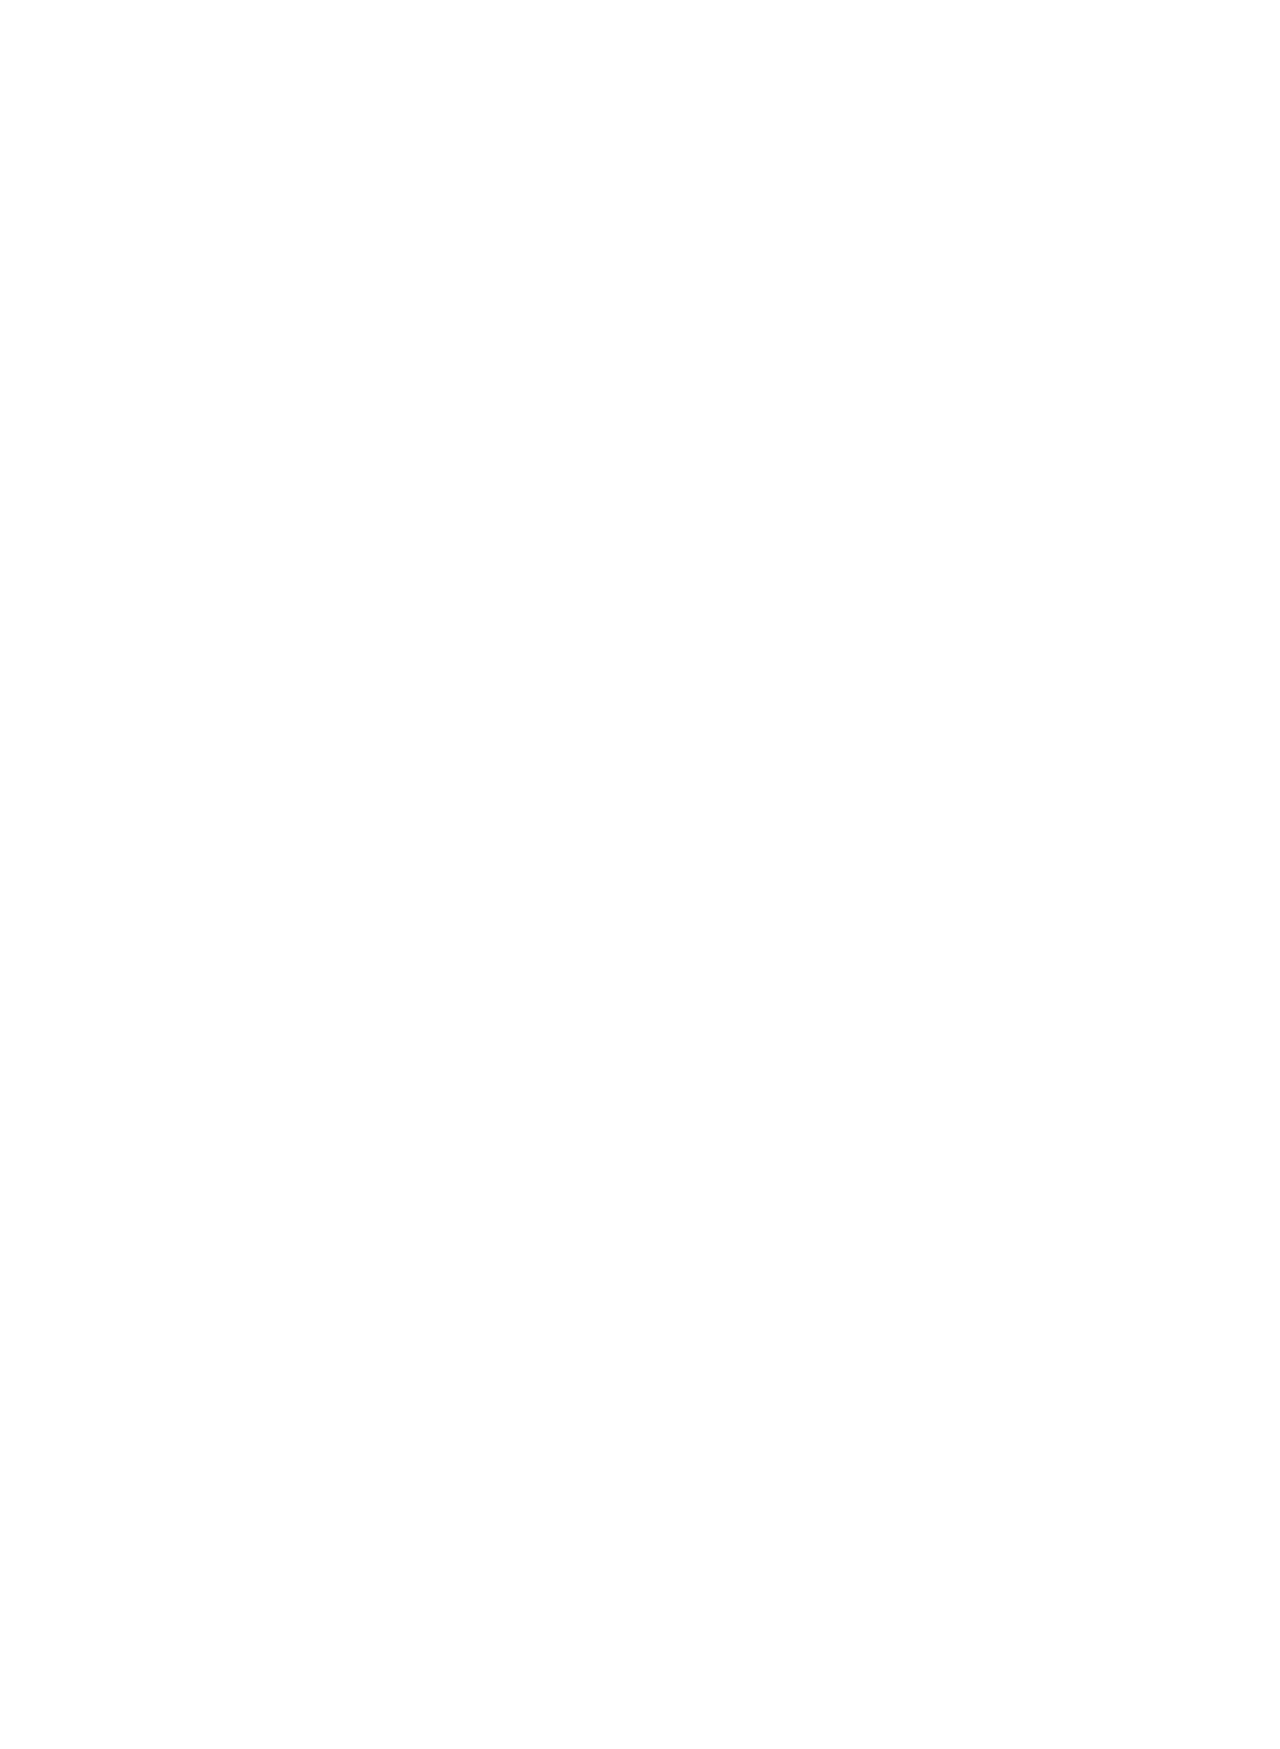 vertical-lines